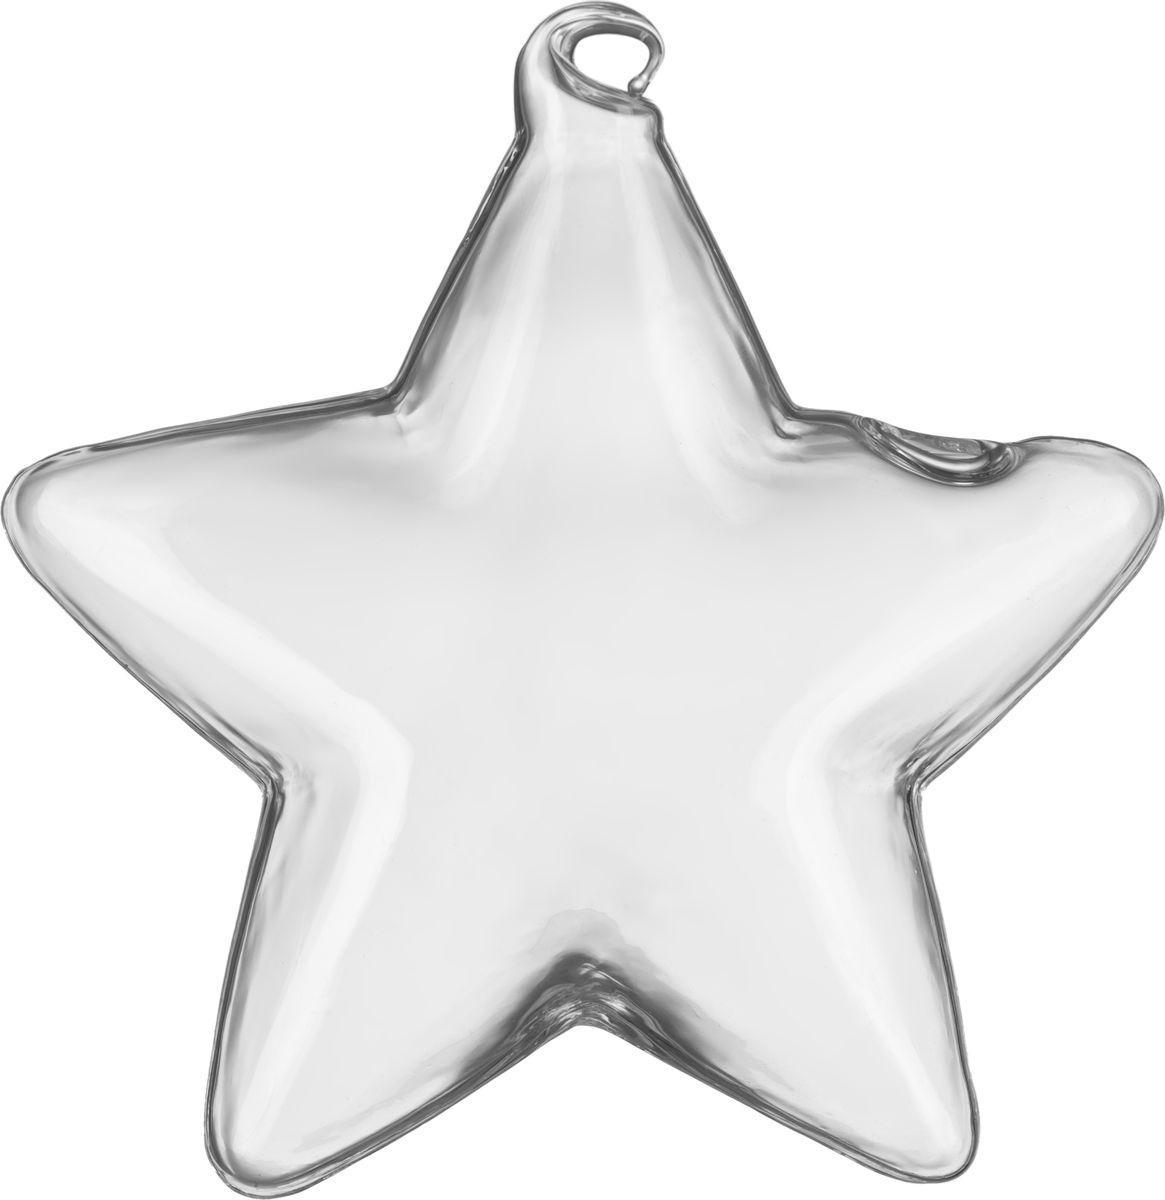 """Стеклянная ваза """"Звезда"""" - это изысканный предмет для декора вашего дома. Стекло, из которого она изготовлена, пропускает свет и создаёт интересный эффект преломления.  Форма звезды смотрится очень празднично и сказочно. Вазу можно эффектно подвесить."""